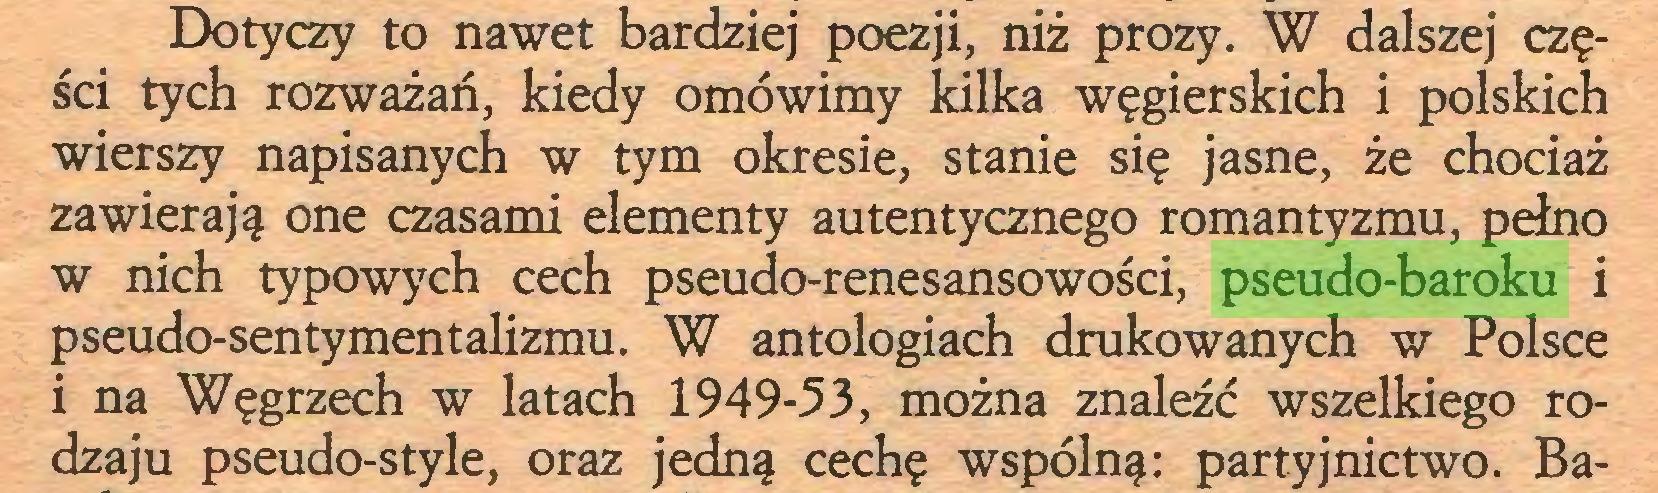 (...) Dotyczy to nawet bardziej poezji, niż prozy. W dalszej części tych rozważań, kiedy omówimy kilka węgierskich i polskich wierszy napisanych w tym okresie, stanie się jasne, że chociaż zawierają one czasami elementy autentycznego romantyzmu, pełno w nich typowych cech pseudo-renesansowości, pseudo-baroku i pseudo-sentymentalizmu. W antologiach drukowanych w Polsce i na Węgrzech w latach 1949-53, można znaleźć wszelkiego rodzaju pseudo-style, oraz jedną cechę wspólną: partyjnictwo. Ba...